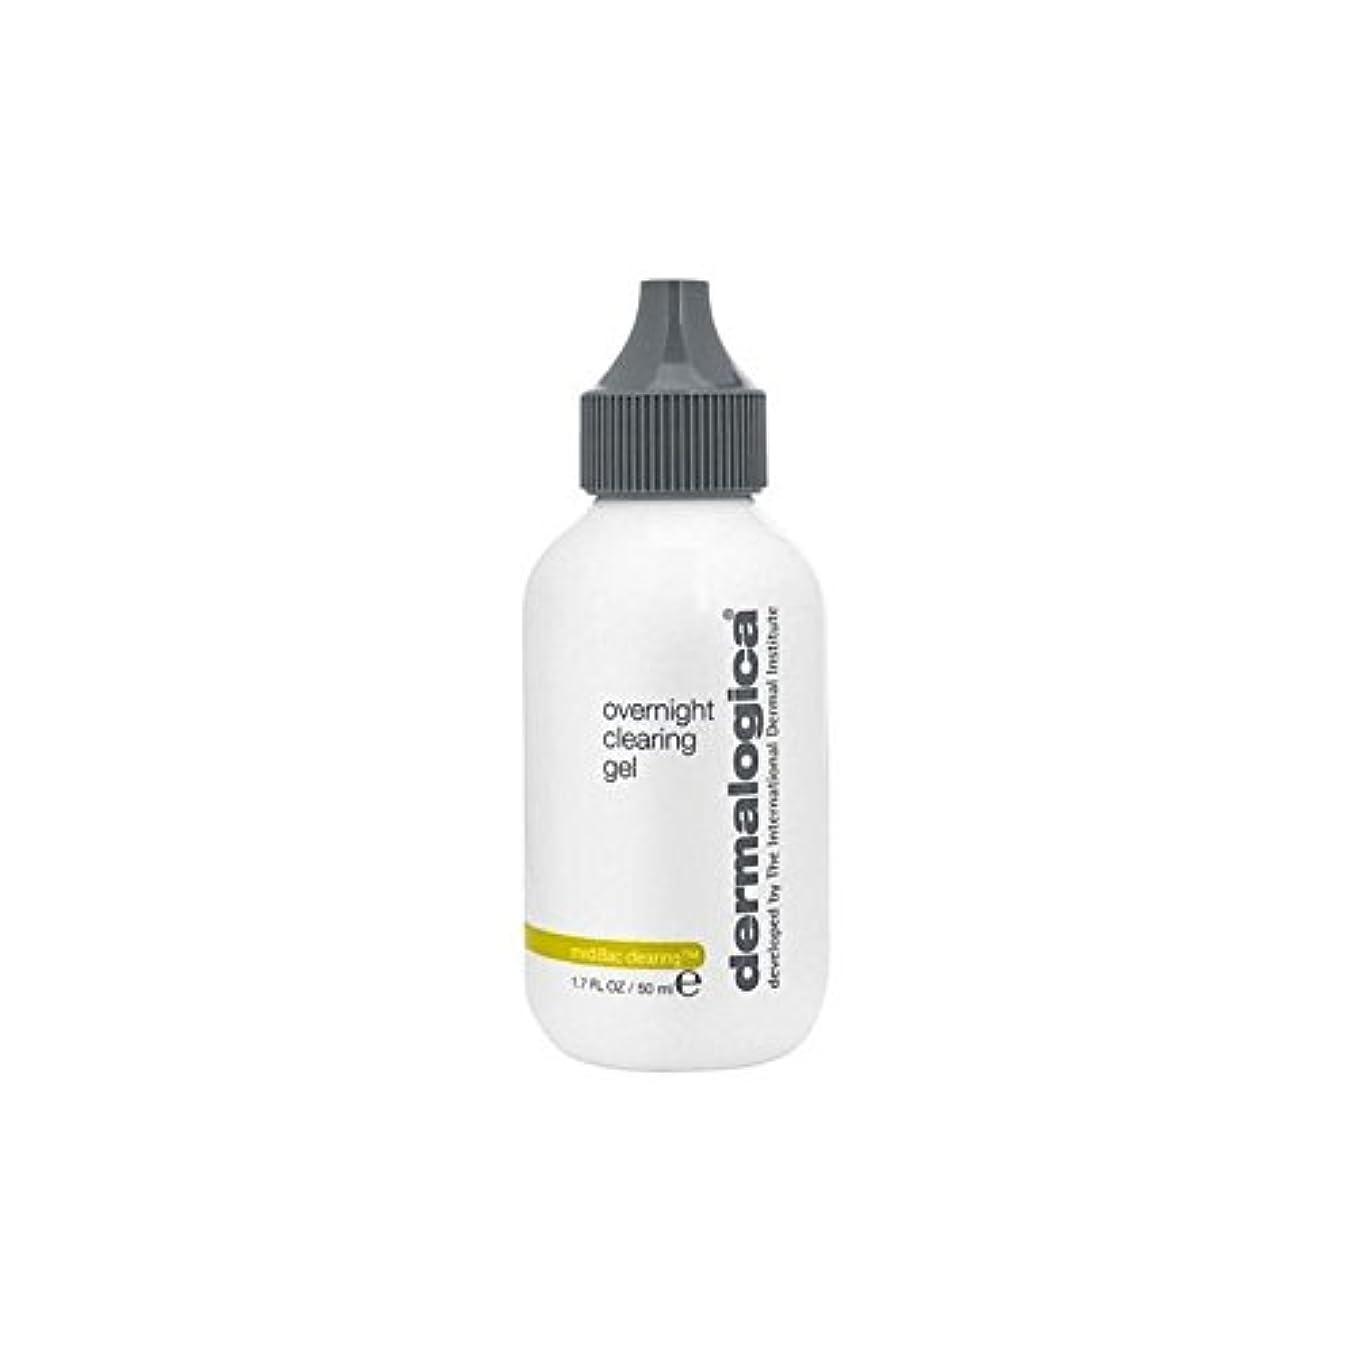 フレットなんとなく巨大ダーマロジカ一晩透明ゲル(50)中 x2 - Dermalogica Medibac Overnight Clearing Gel (50ml) (Pack of 2) [並行輸入品]